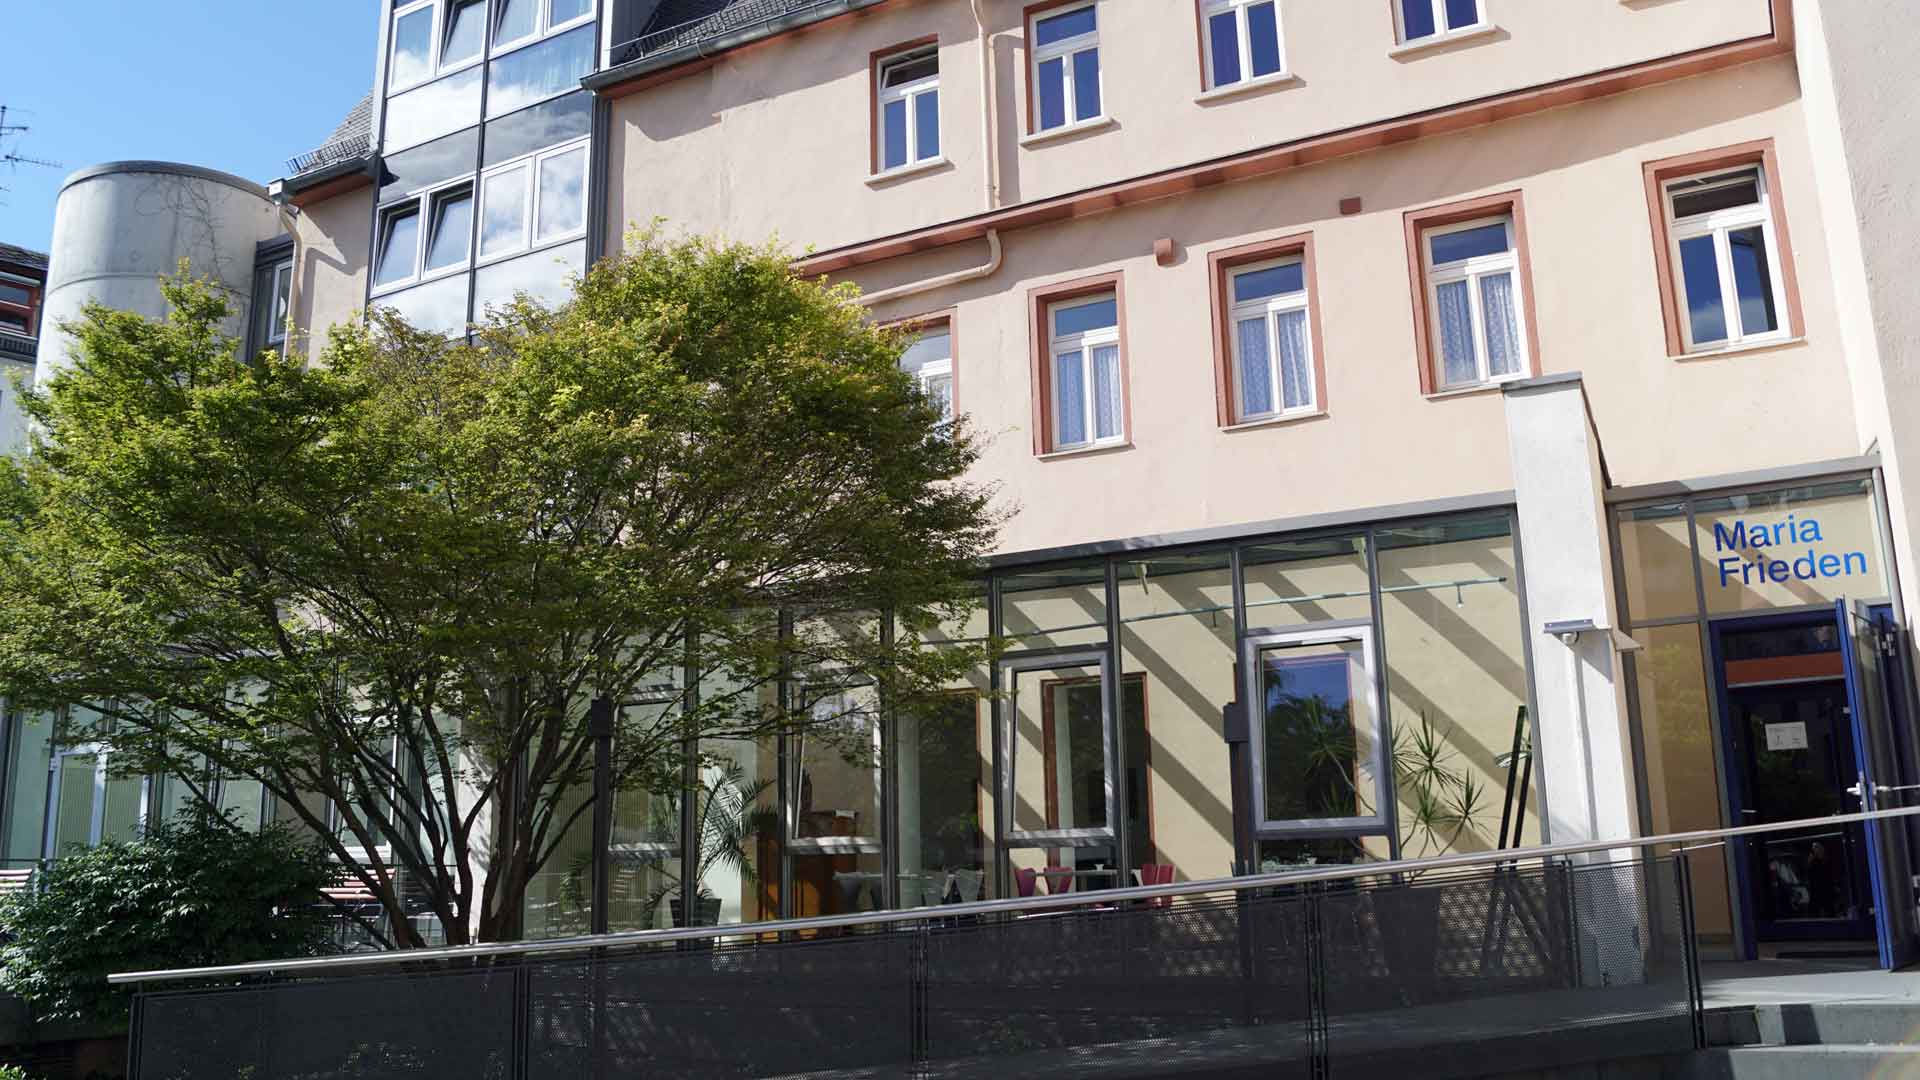 Konferenz- und Tagungshaus Maria Frieden - Seniorenzentrum BKS